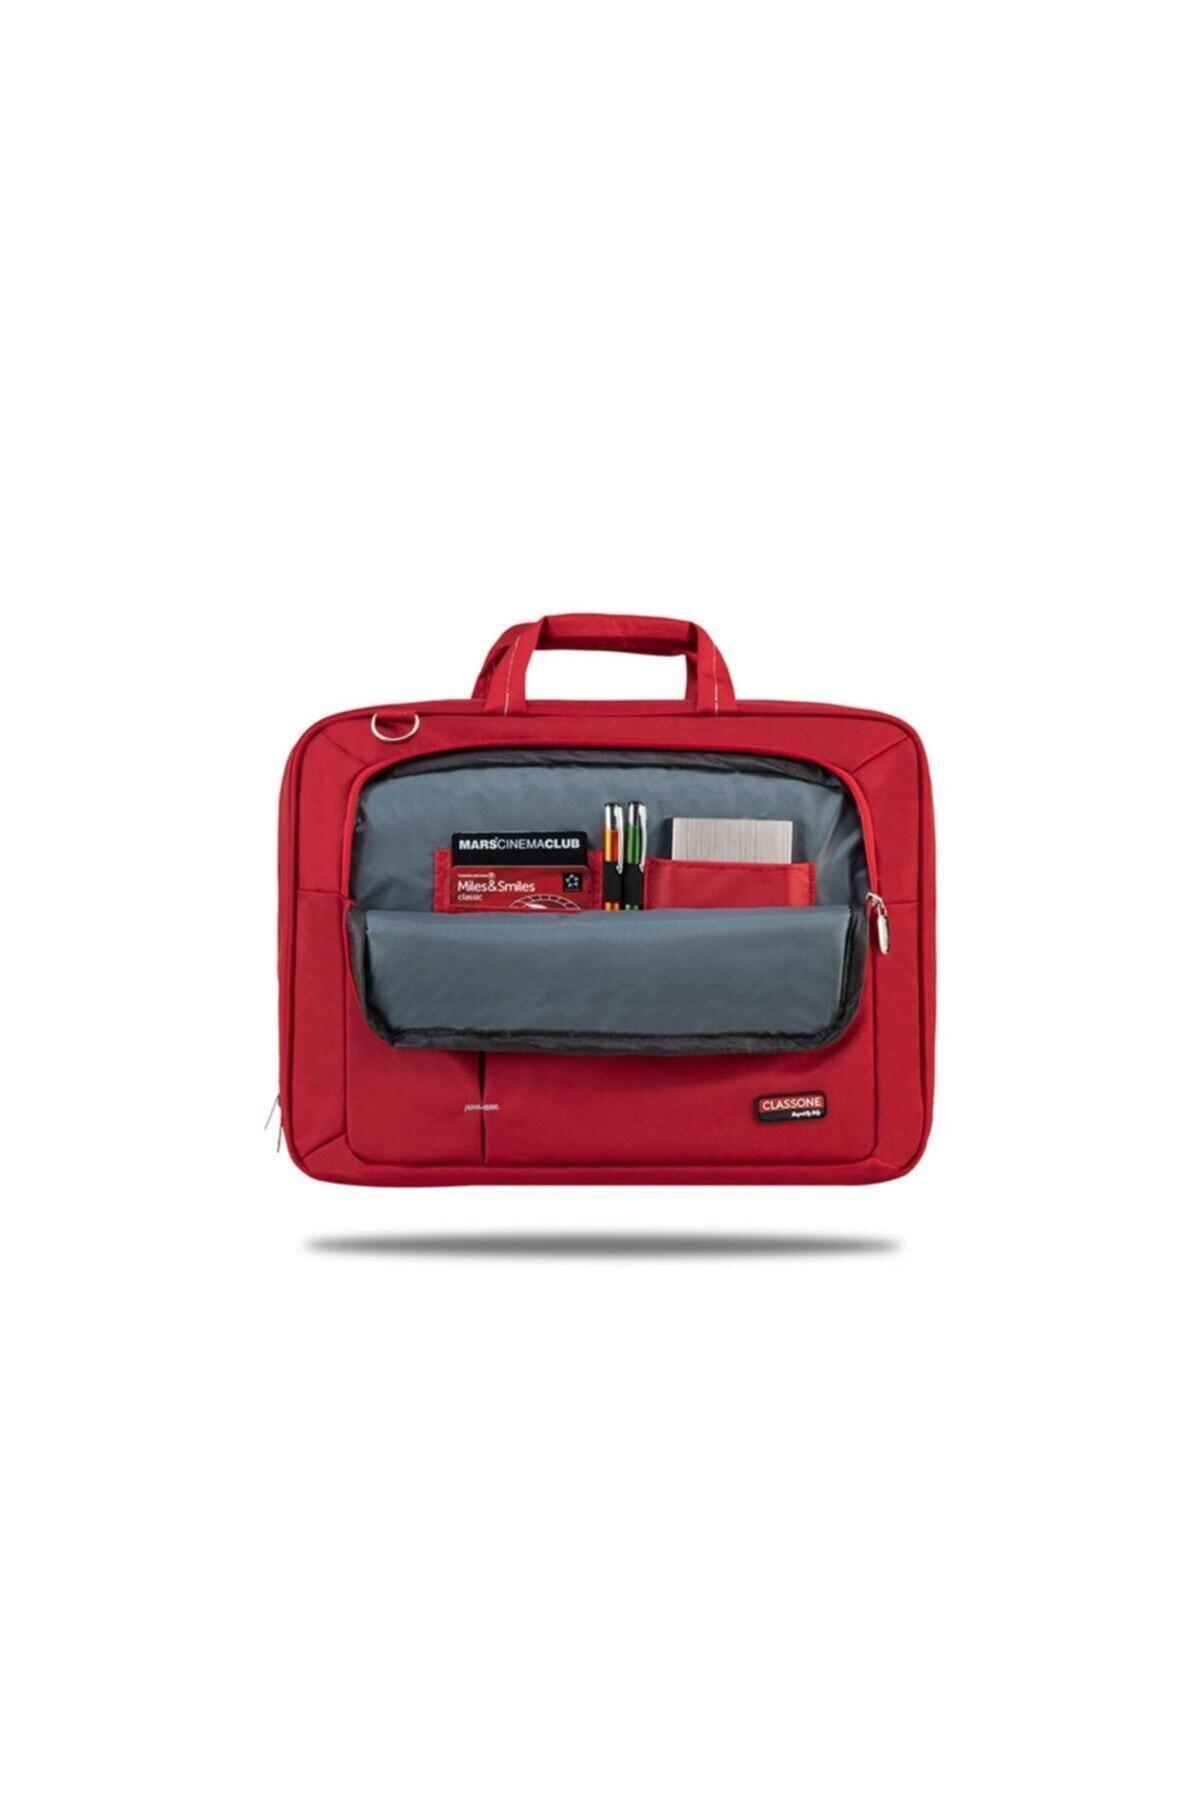 Classone Kırmızı Ul162 15,6 Inç Uyumlu Laptop Notebook El Çantası 2